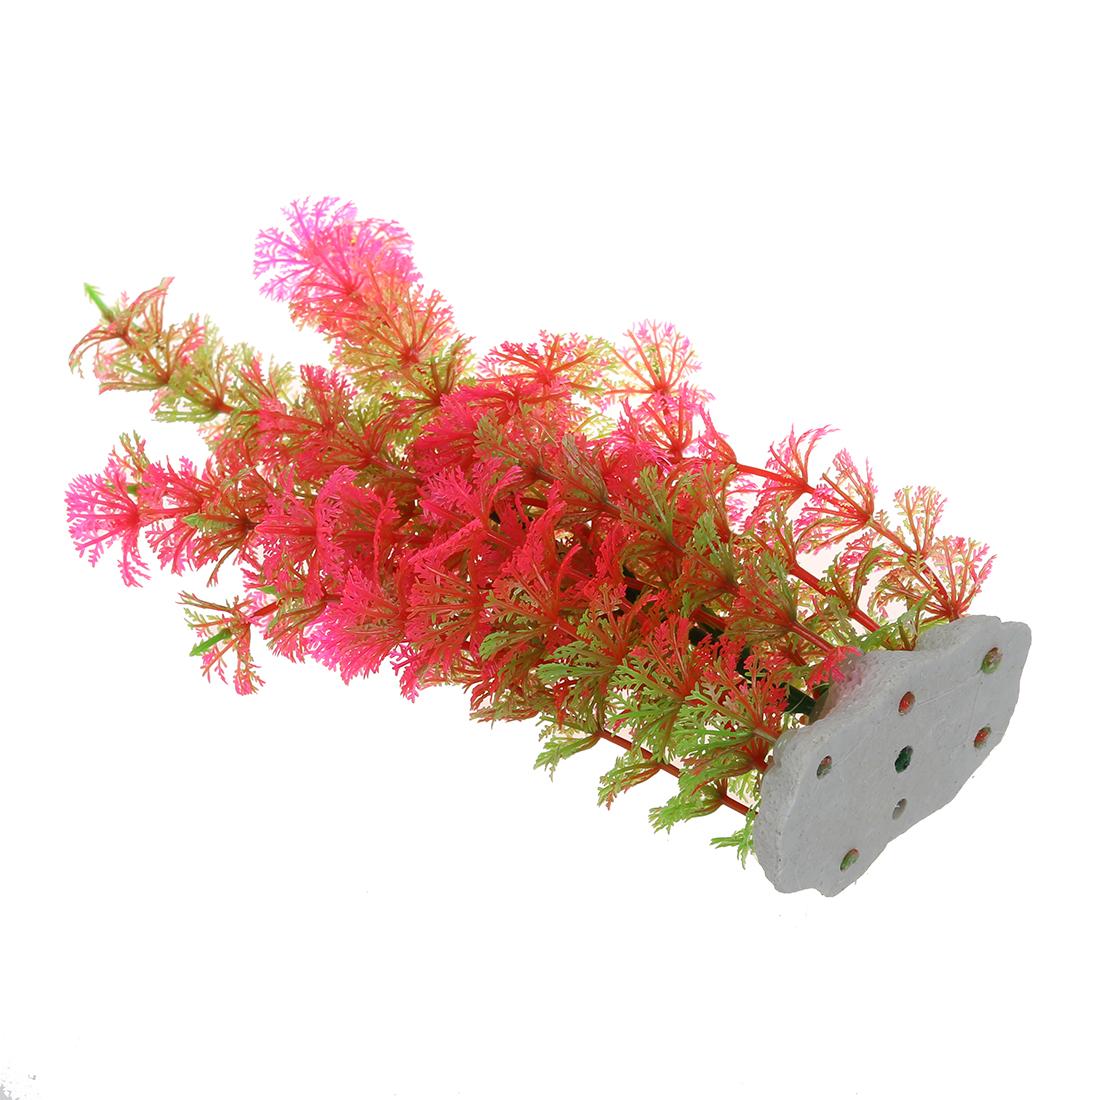 rosa gruen kuenstliche wasserpflanzen fuer fischbehaelter. Black Bedroom Furniture Sets. Home Design Ideas